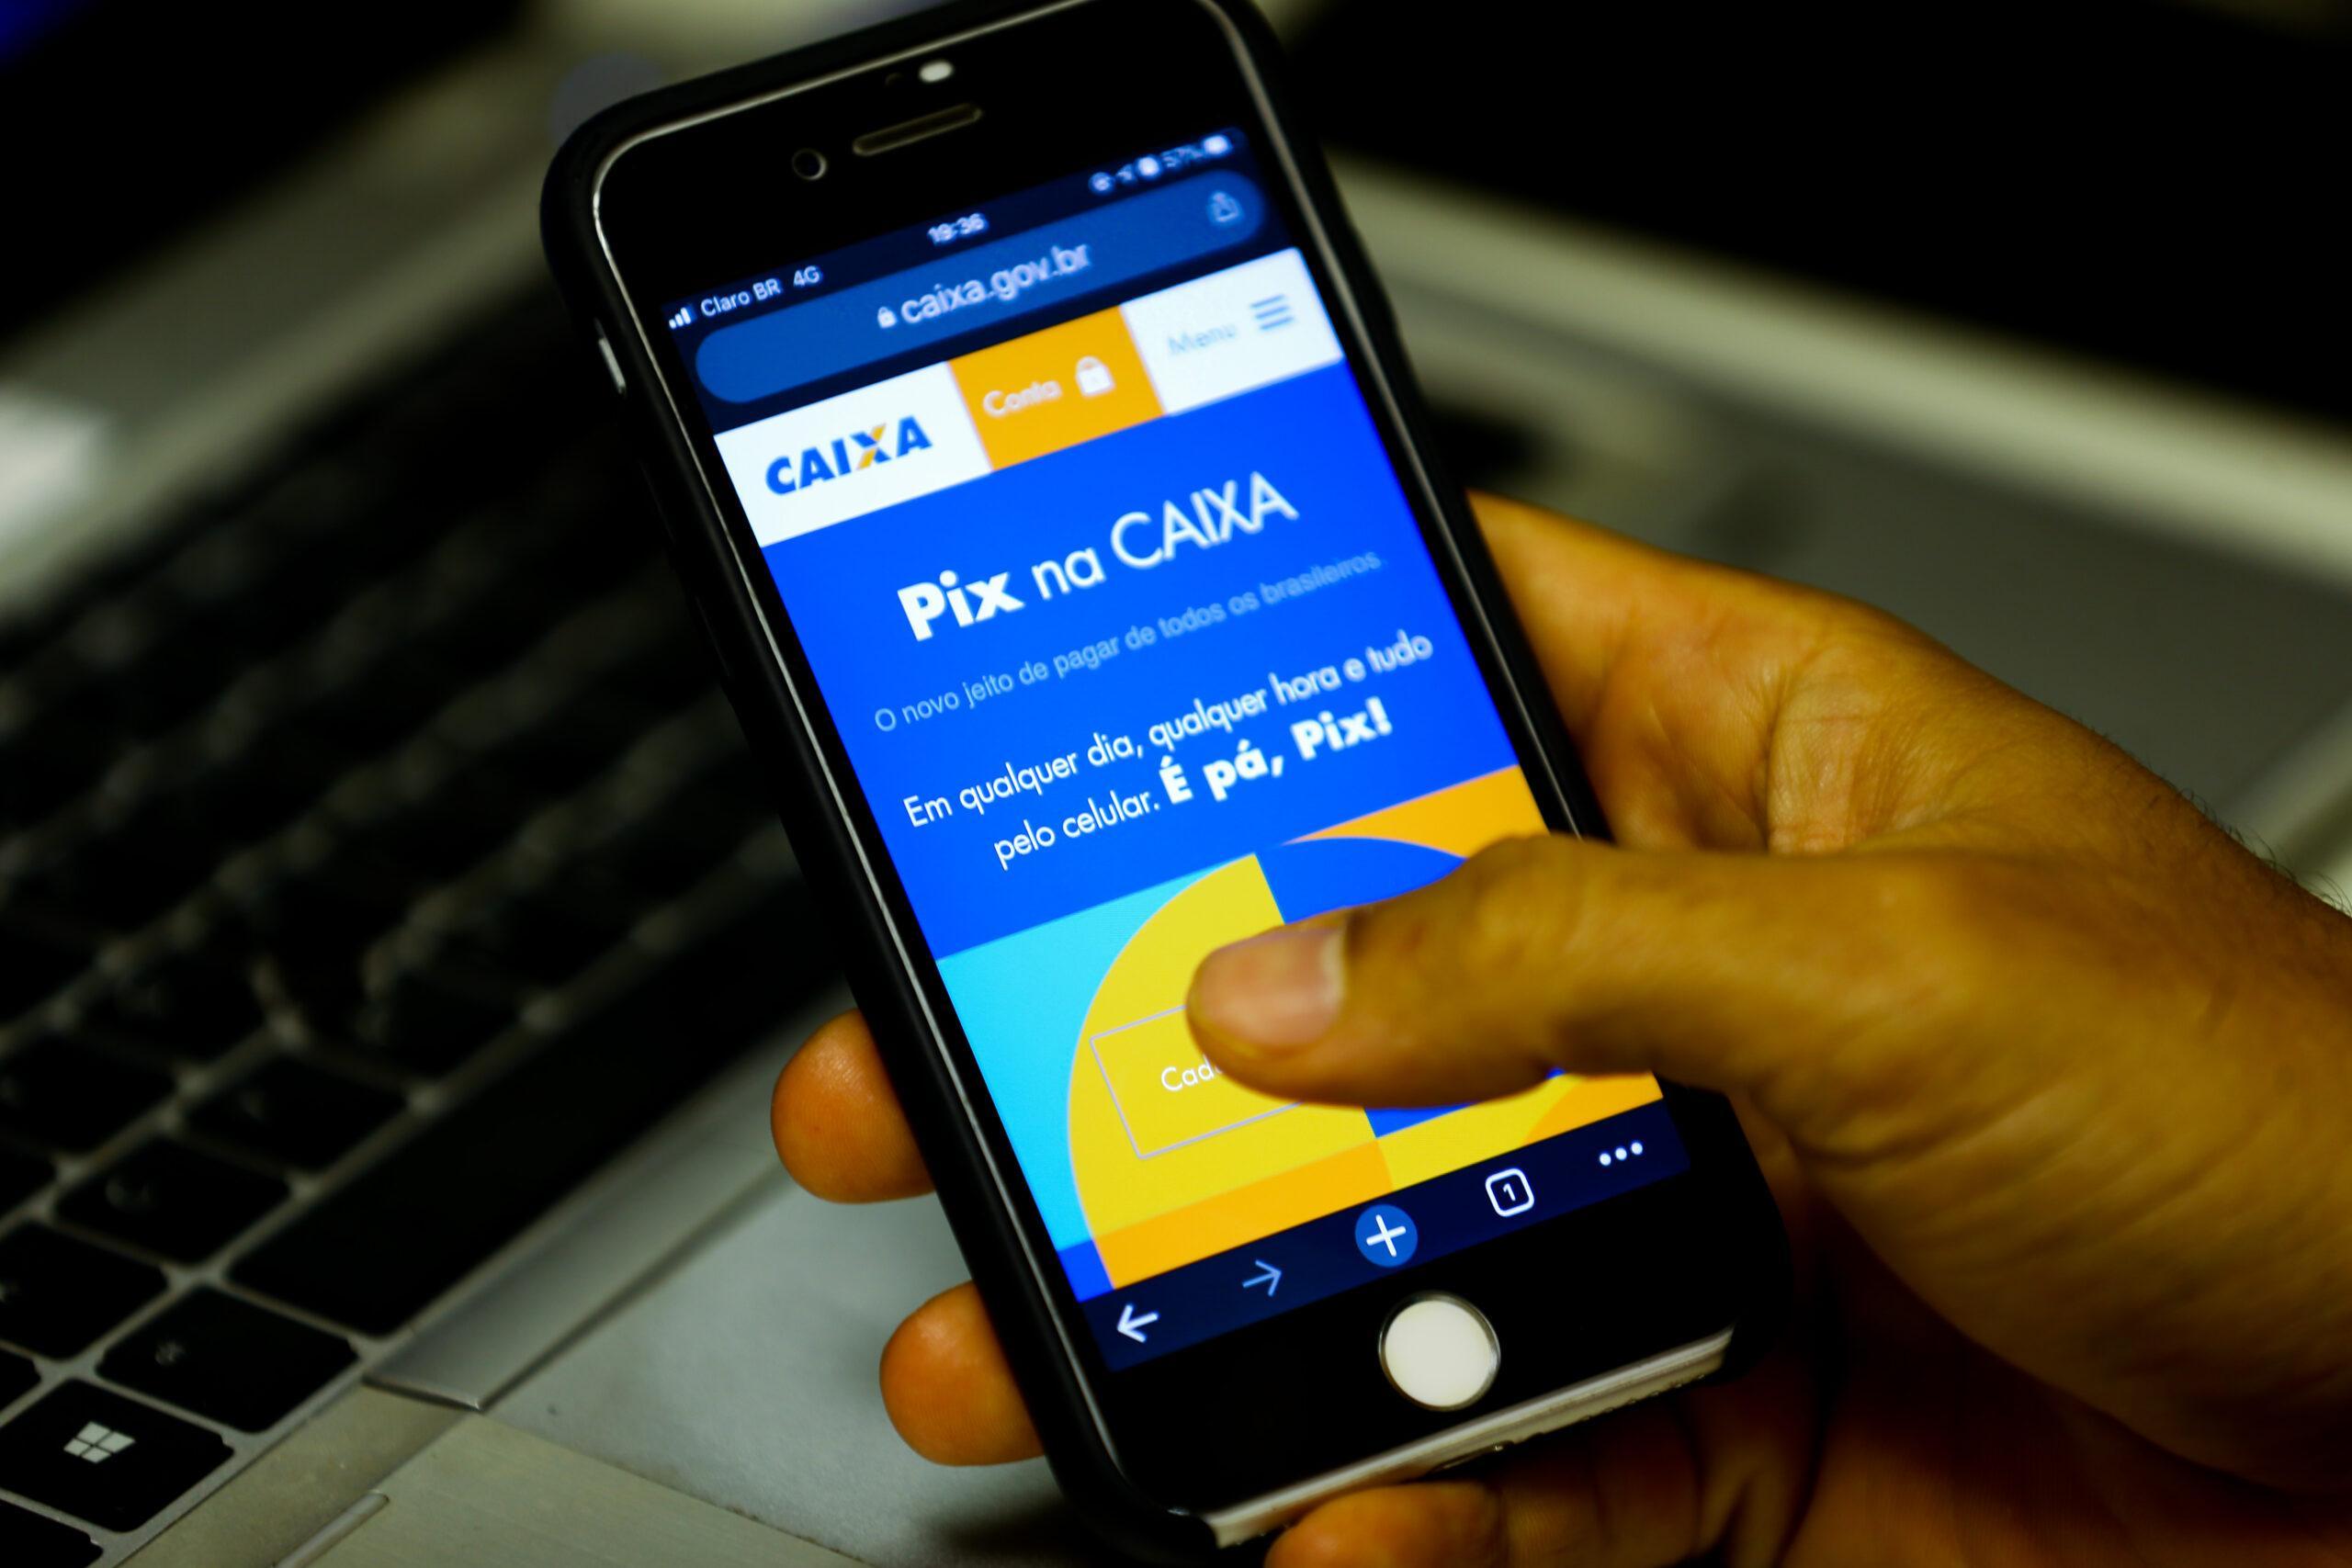 Foto de um celular cadastrando o Pix Caixa